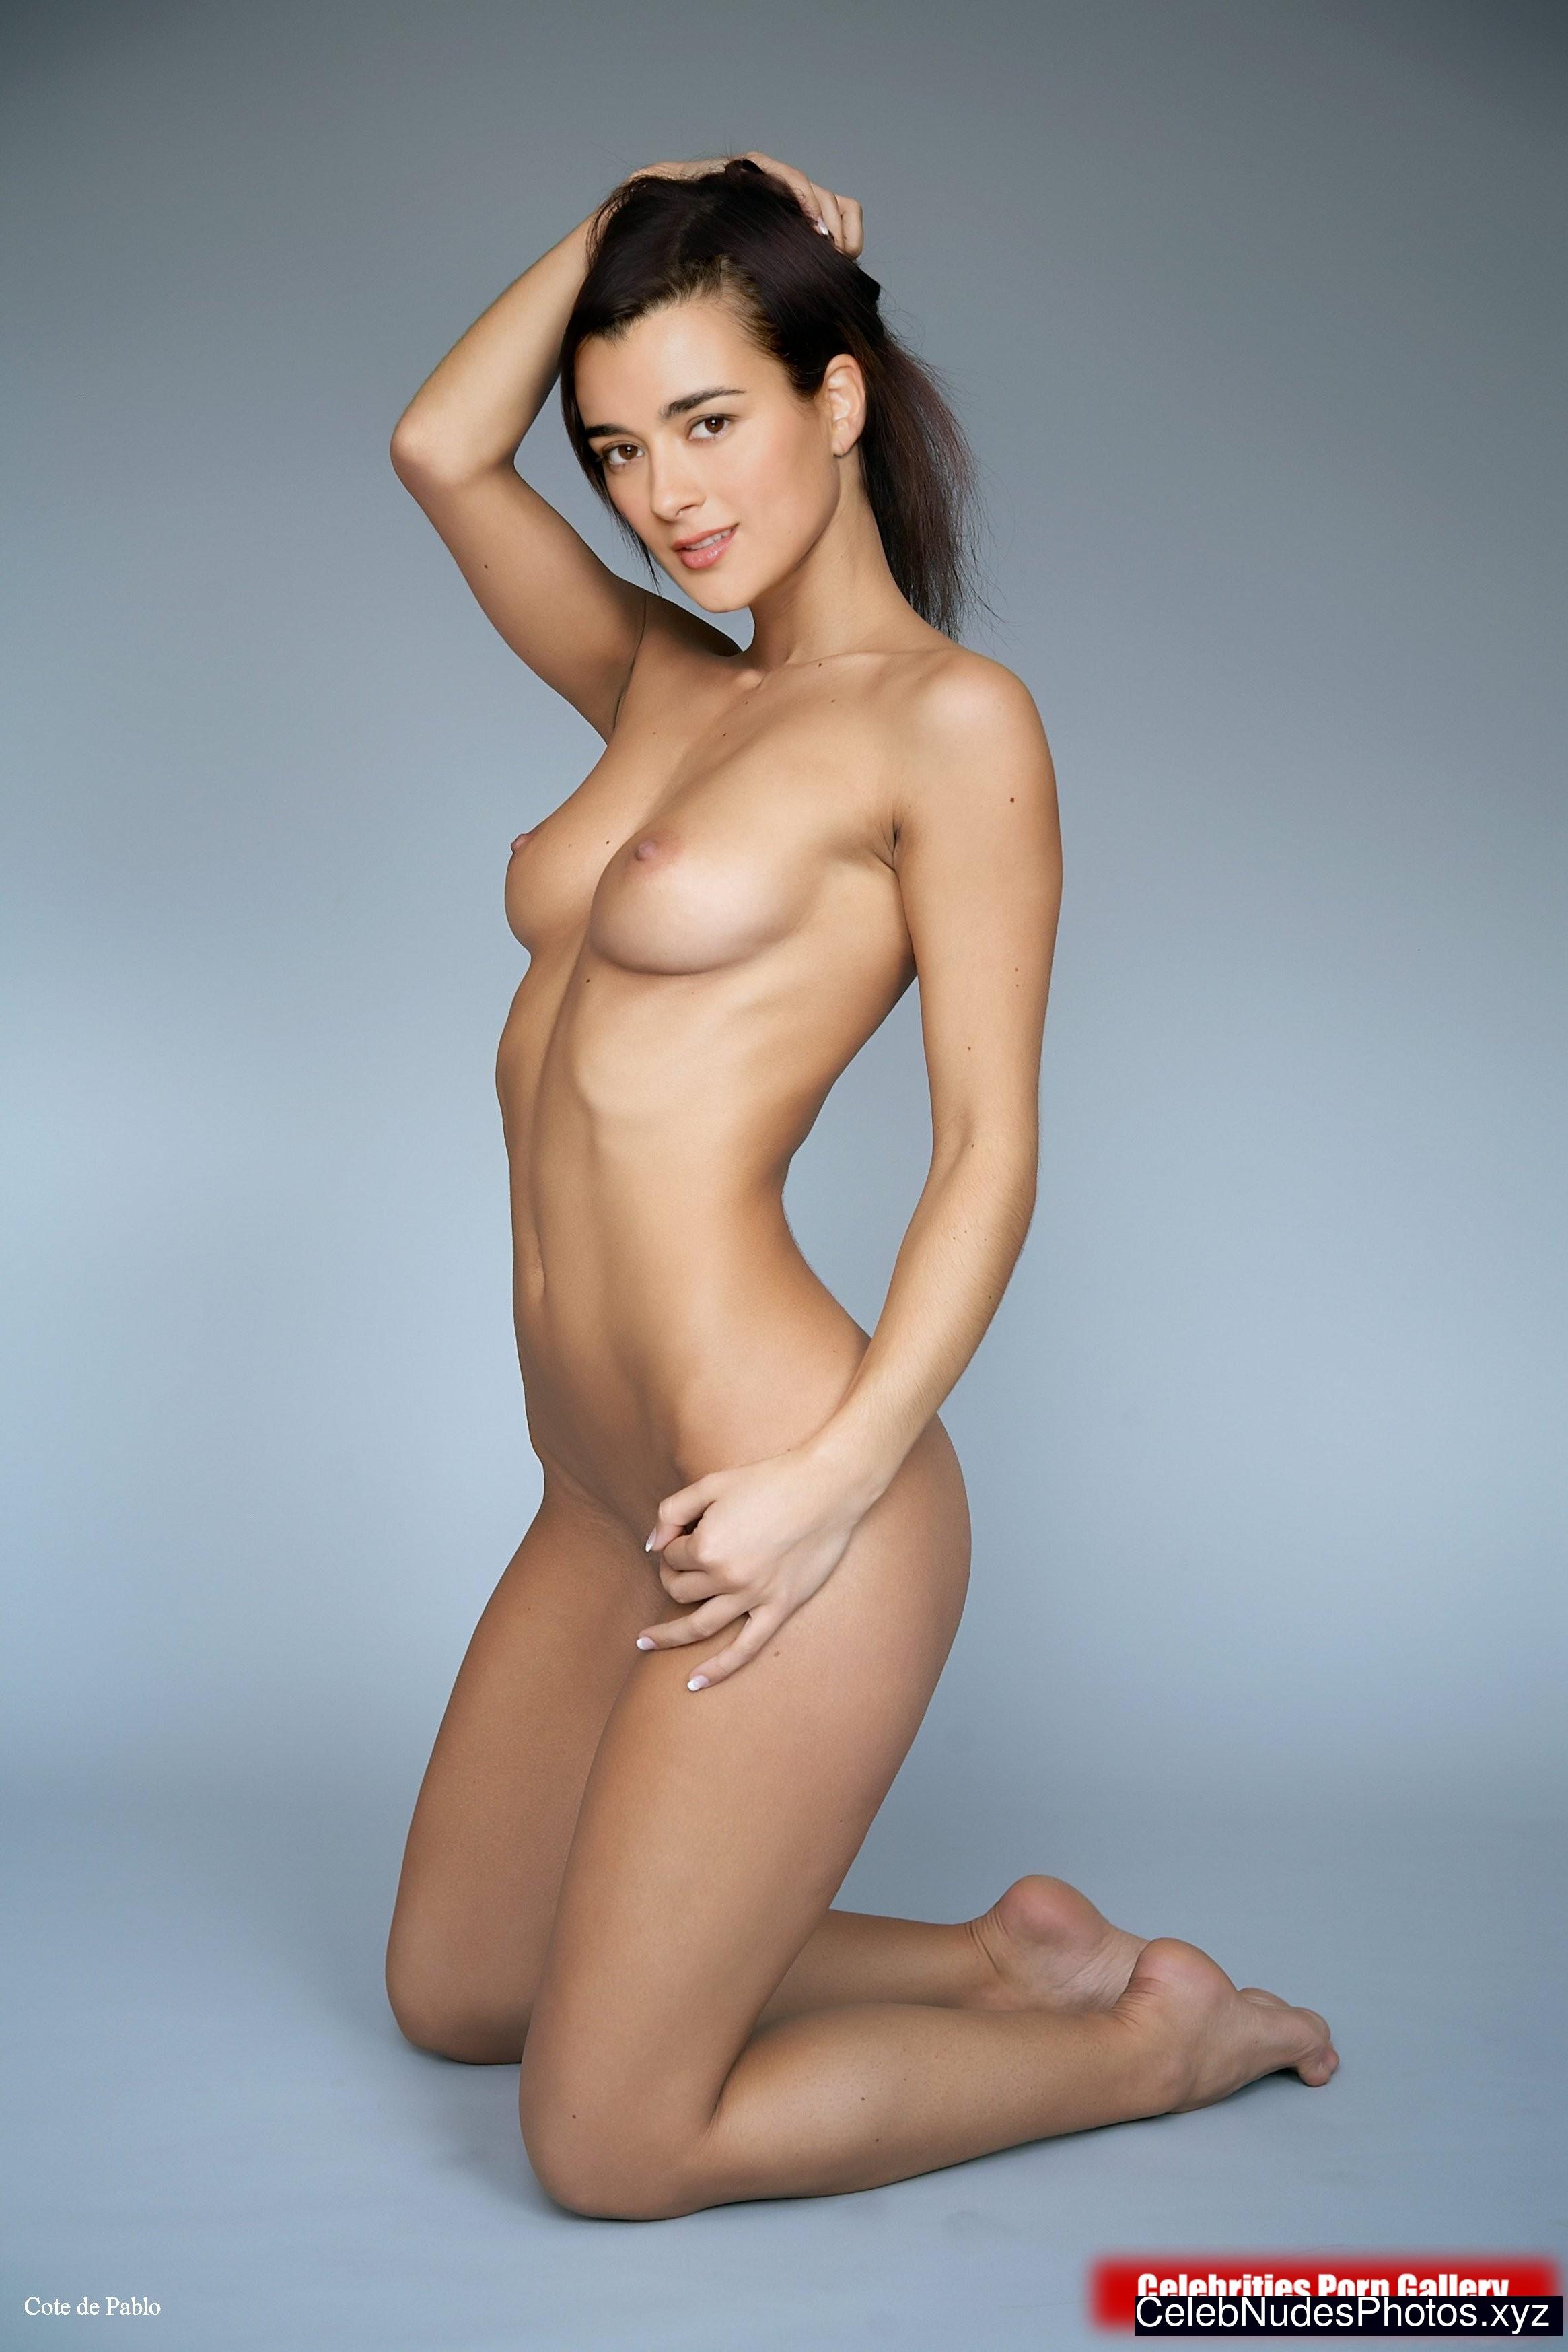 cote de pablo real nude